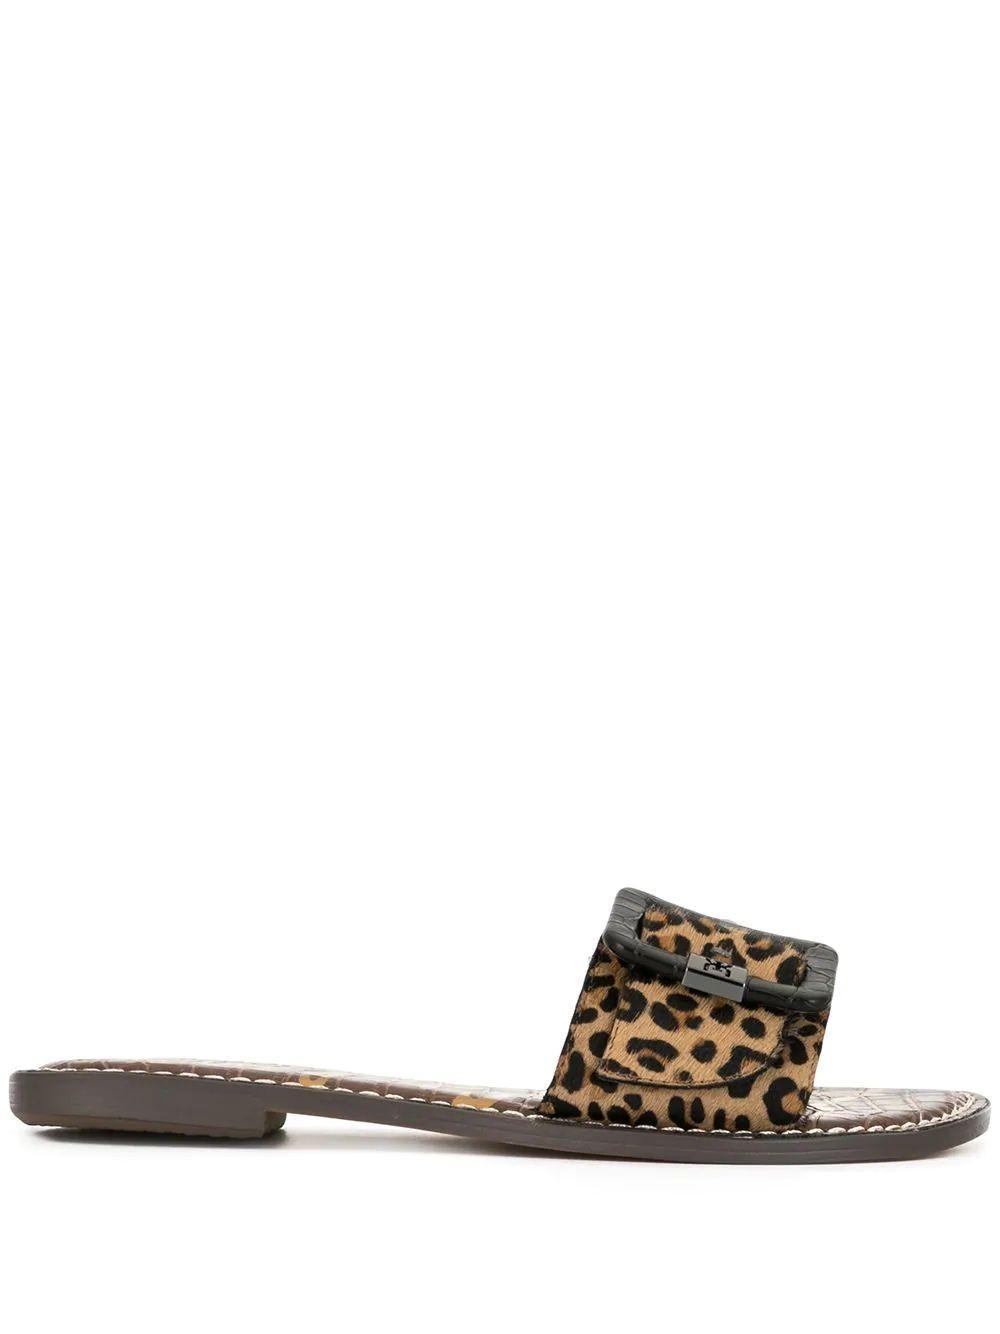 Granada Slide Sandal Item # GRANADA